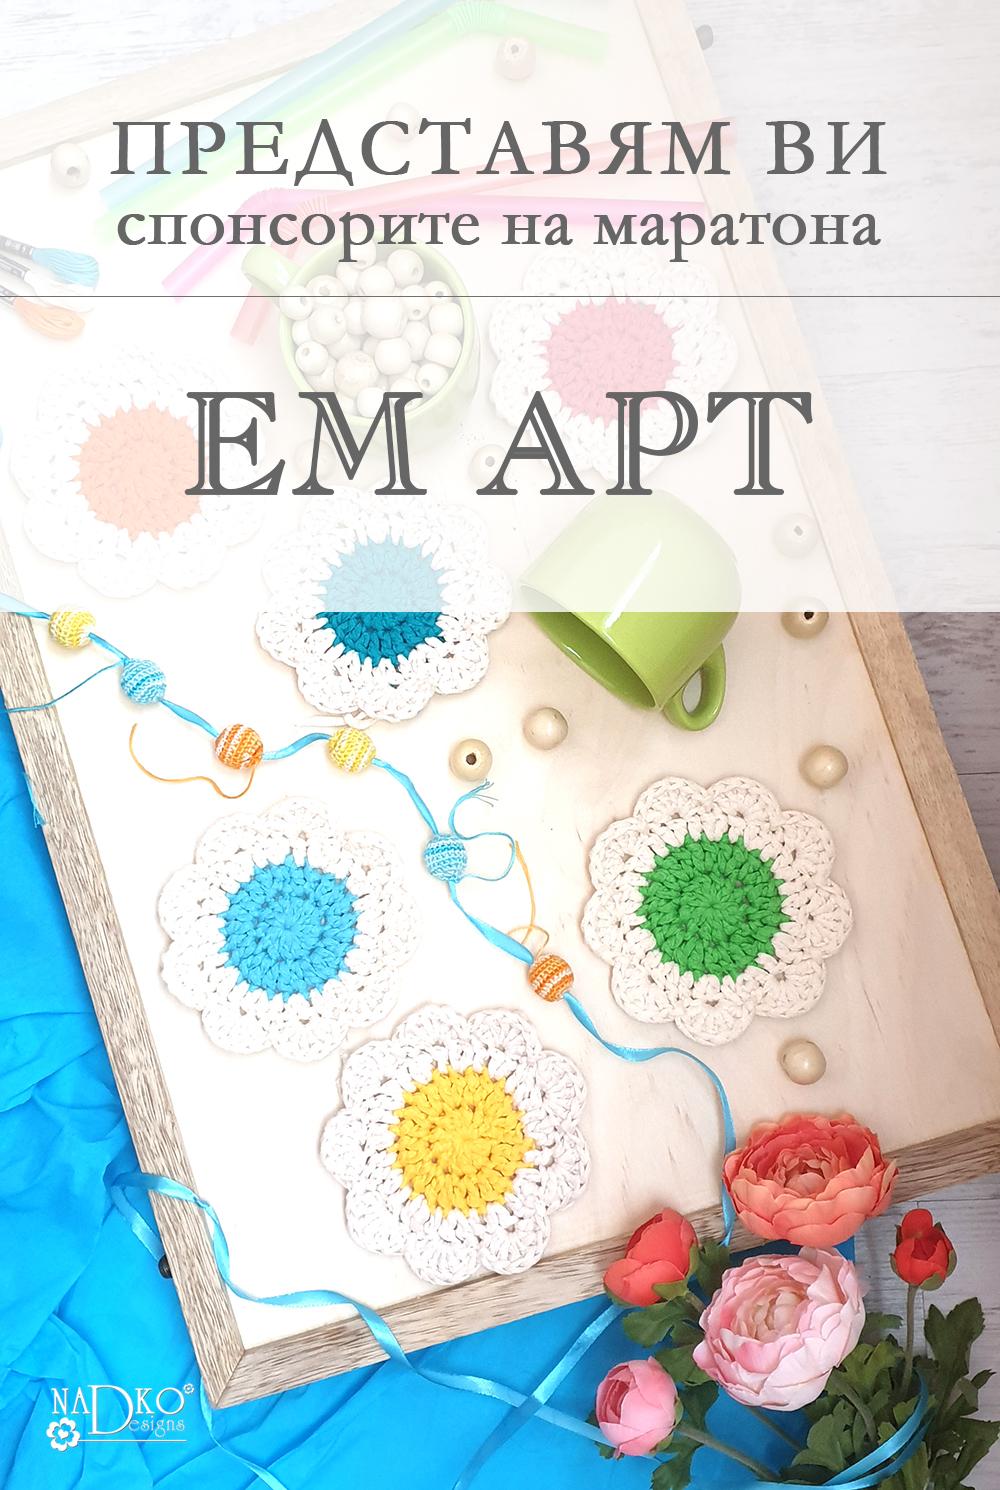 ЕМ АРТ – мартеници и още много неща :)